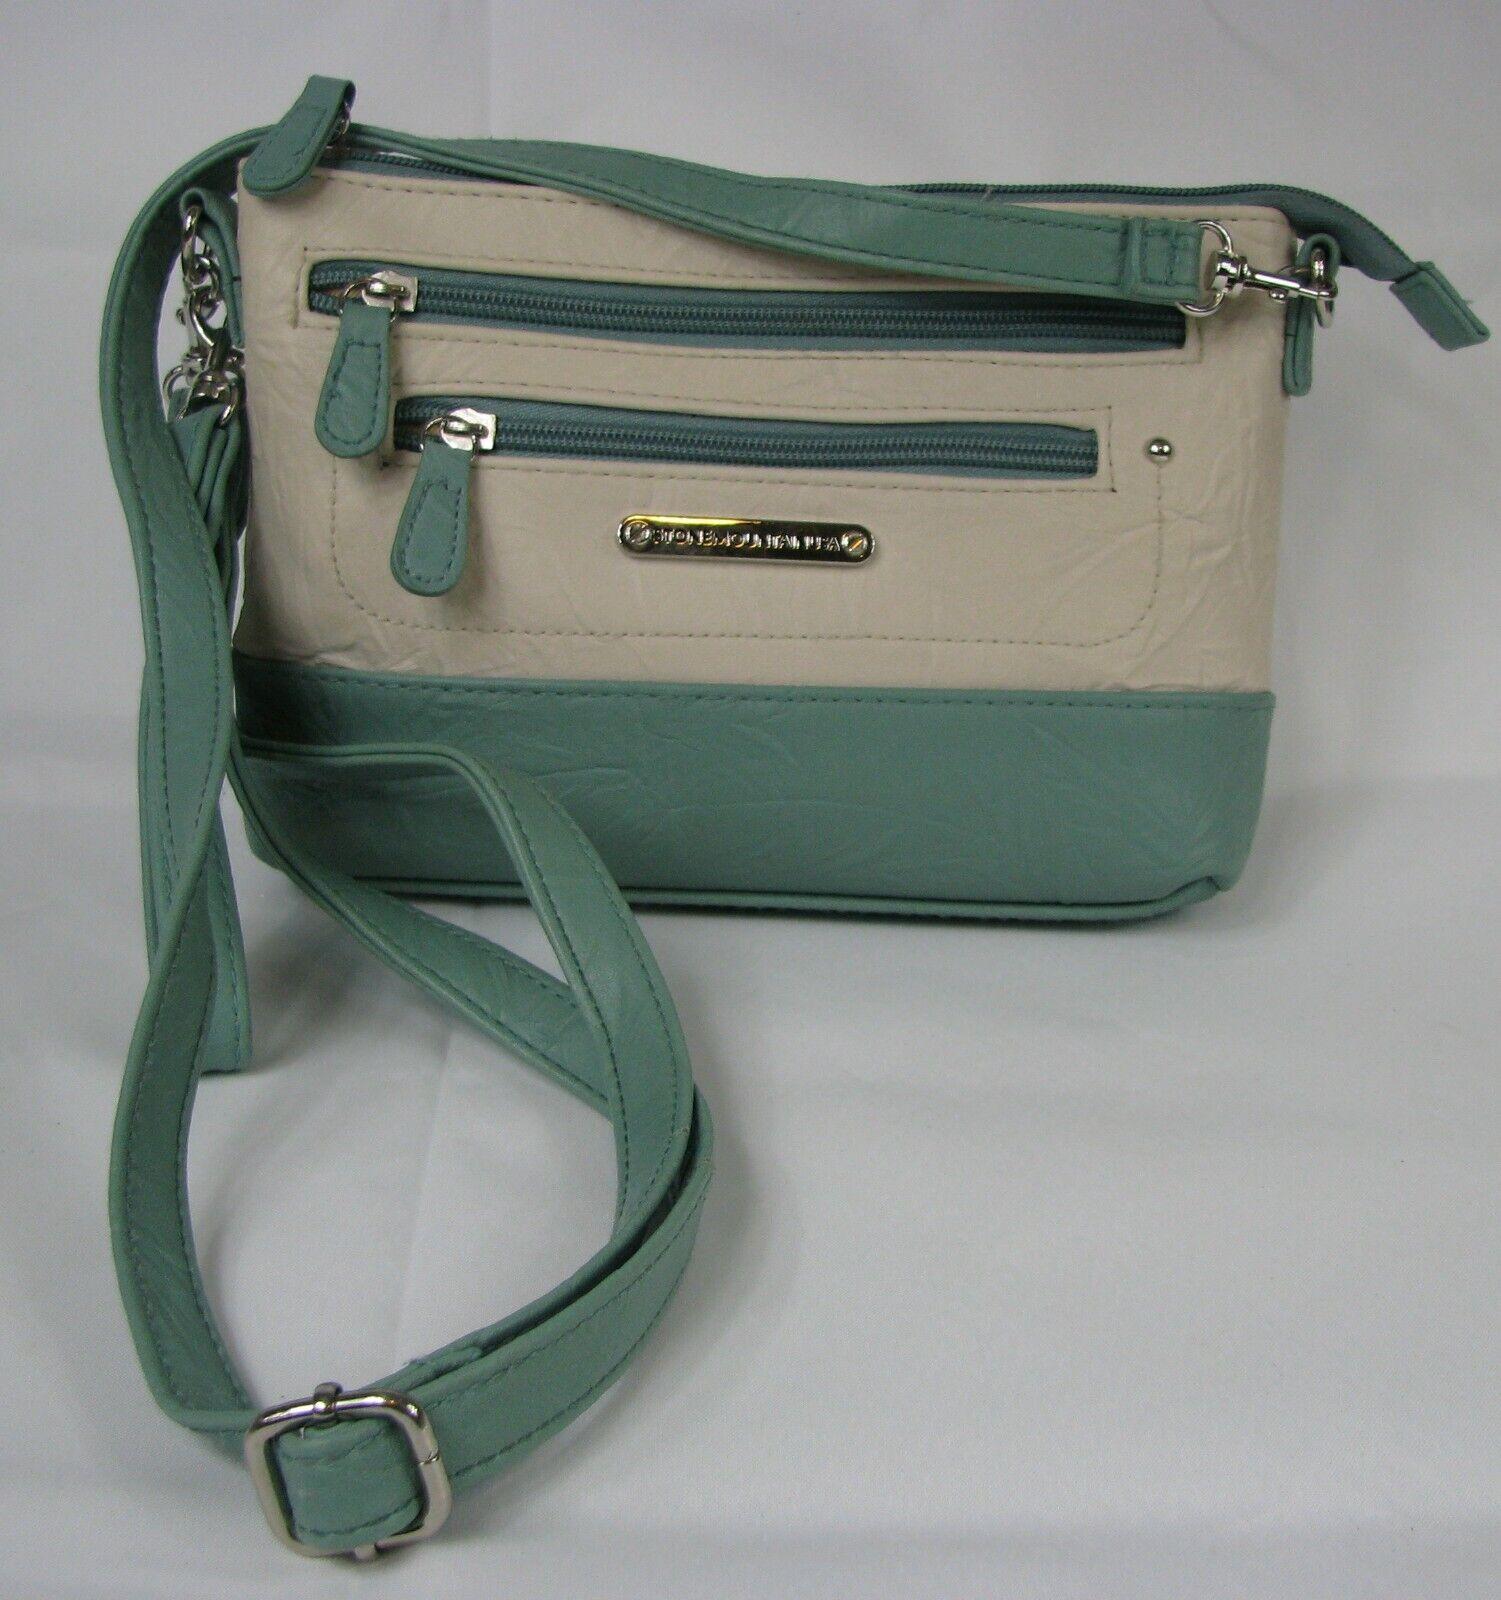 Stone Mountain Green & Cream Crossbody PURSE Shoulder Bag Handbag